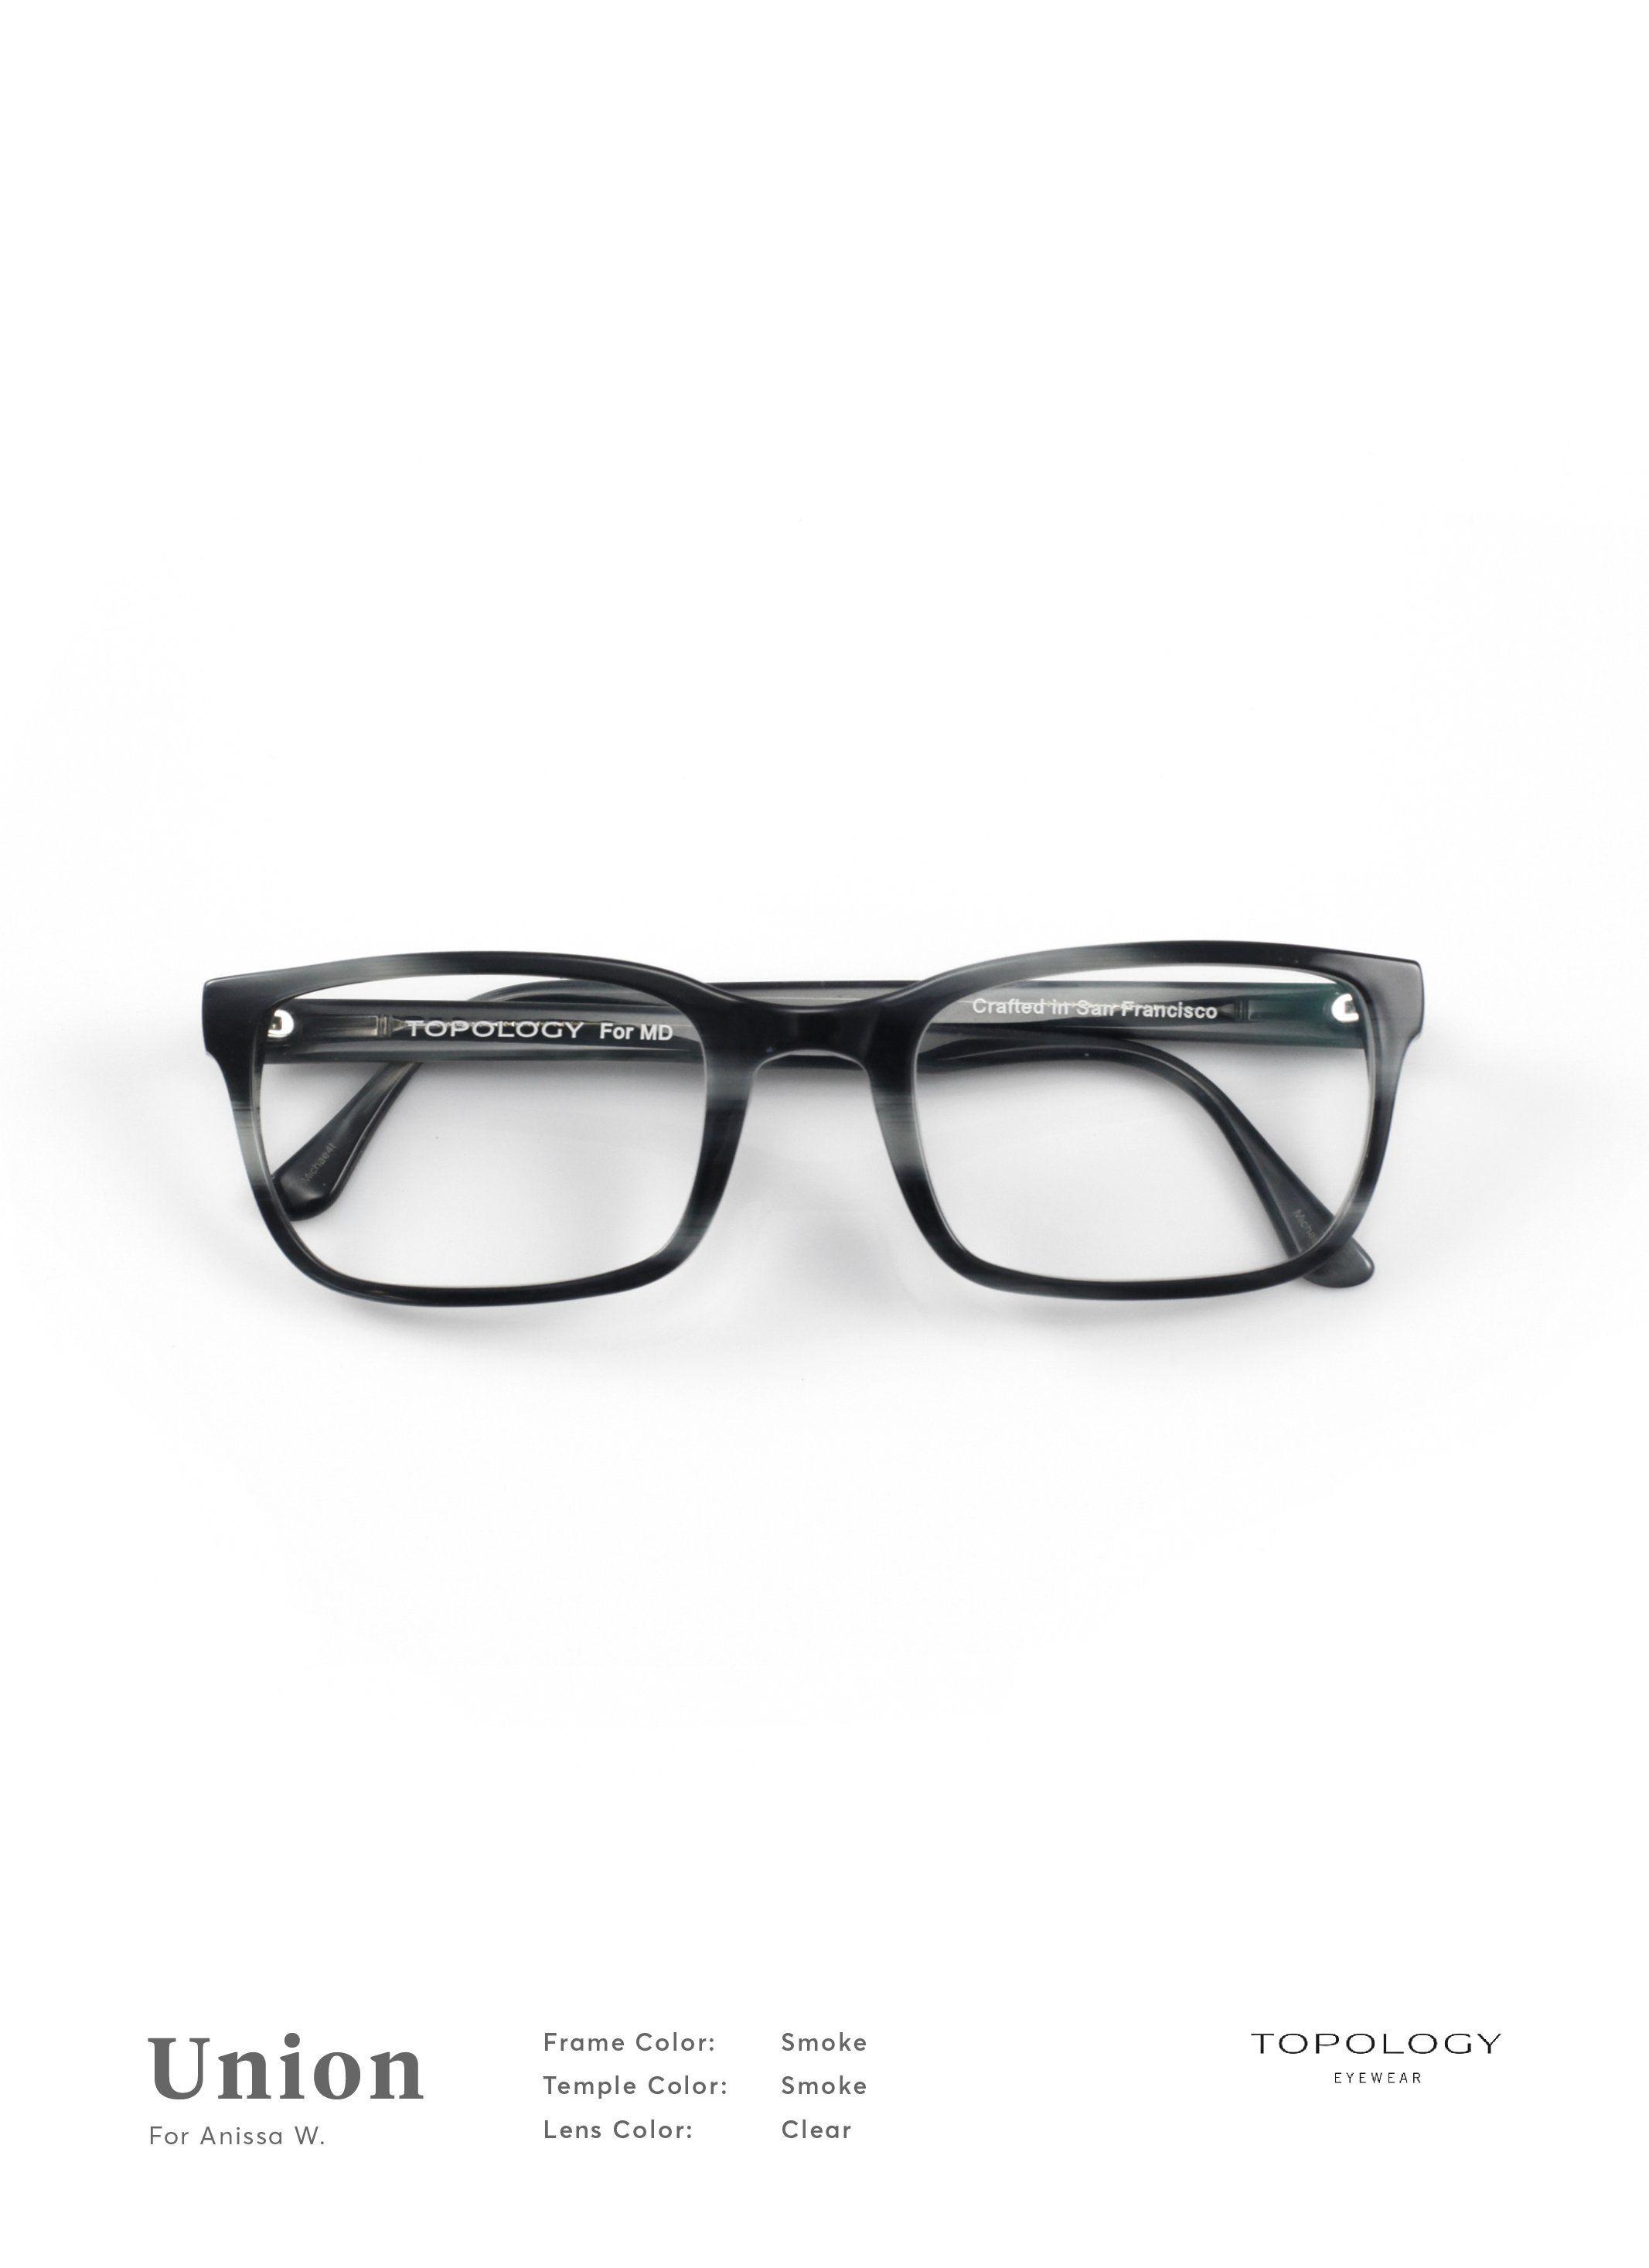 d1f375f5f16b Union - Topology Eyewear | Our Eyewear Styles | Eyewear, Eyeglasses ...